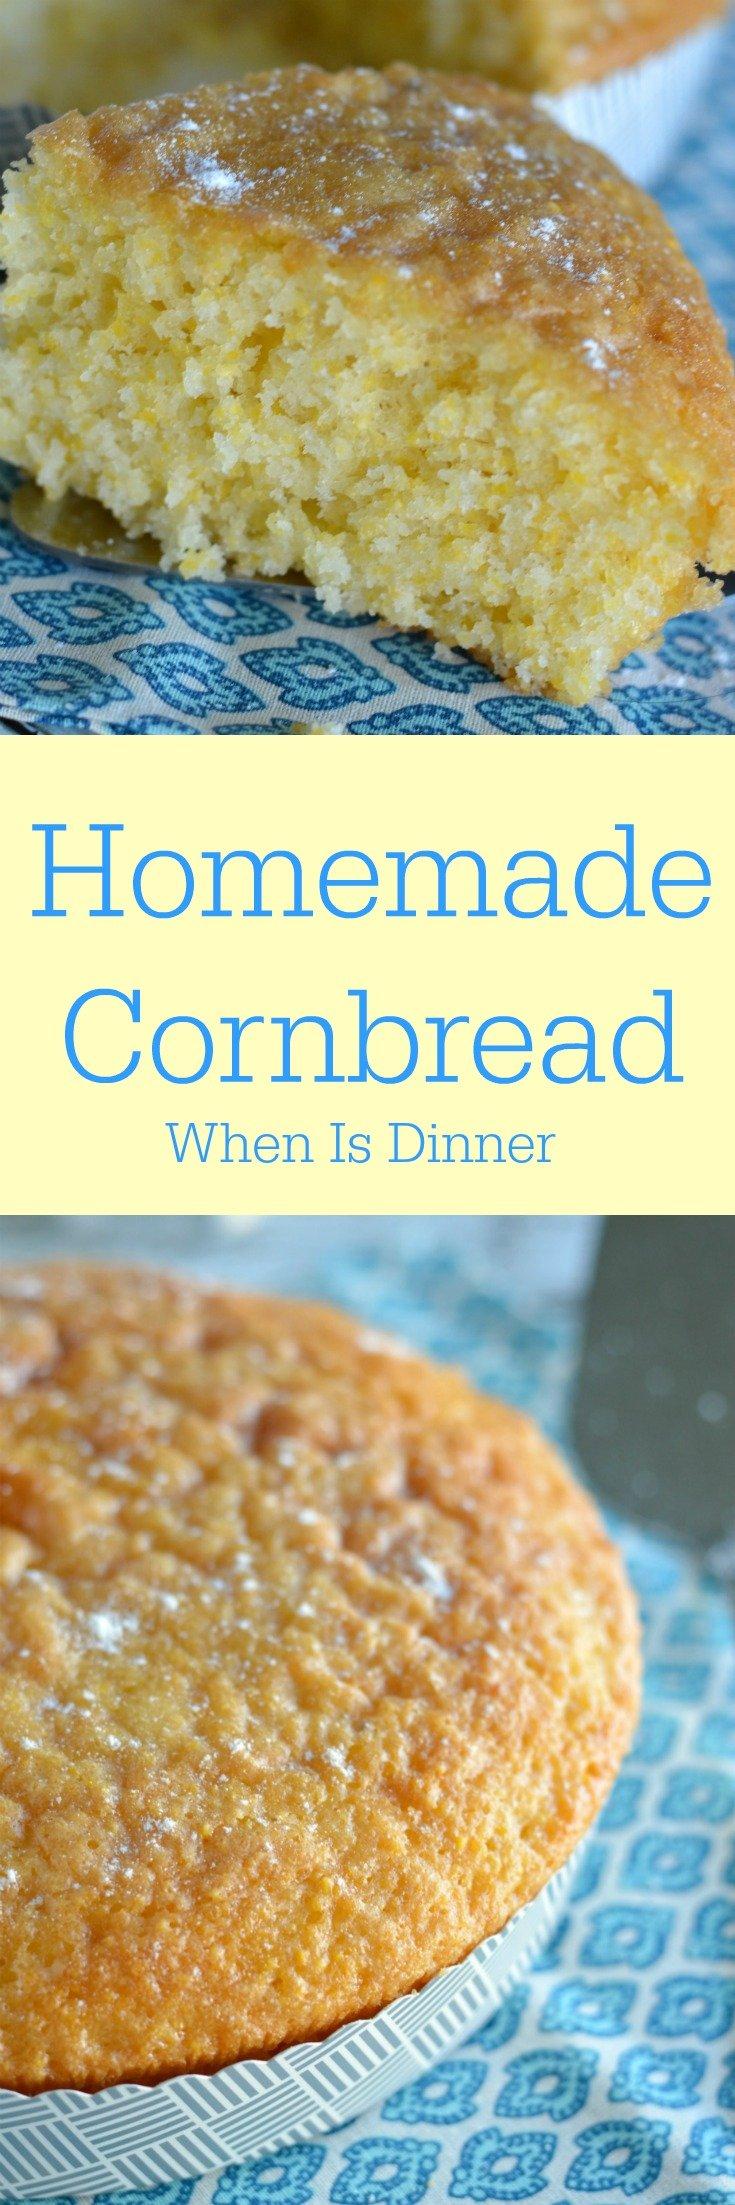 Homemade Cornbread - When is Dinner